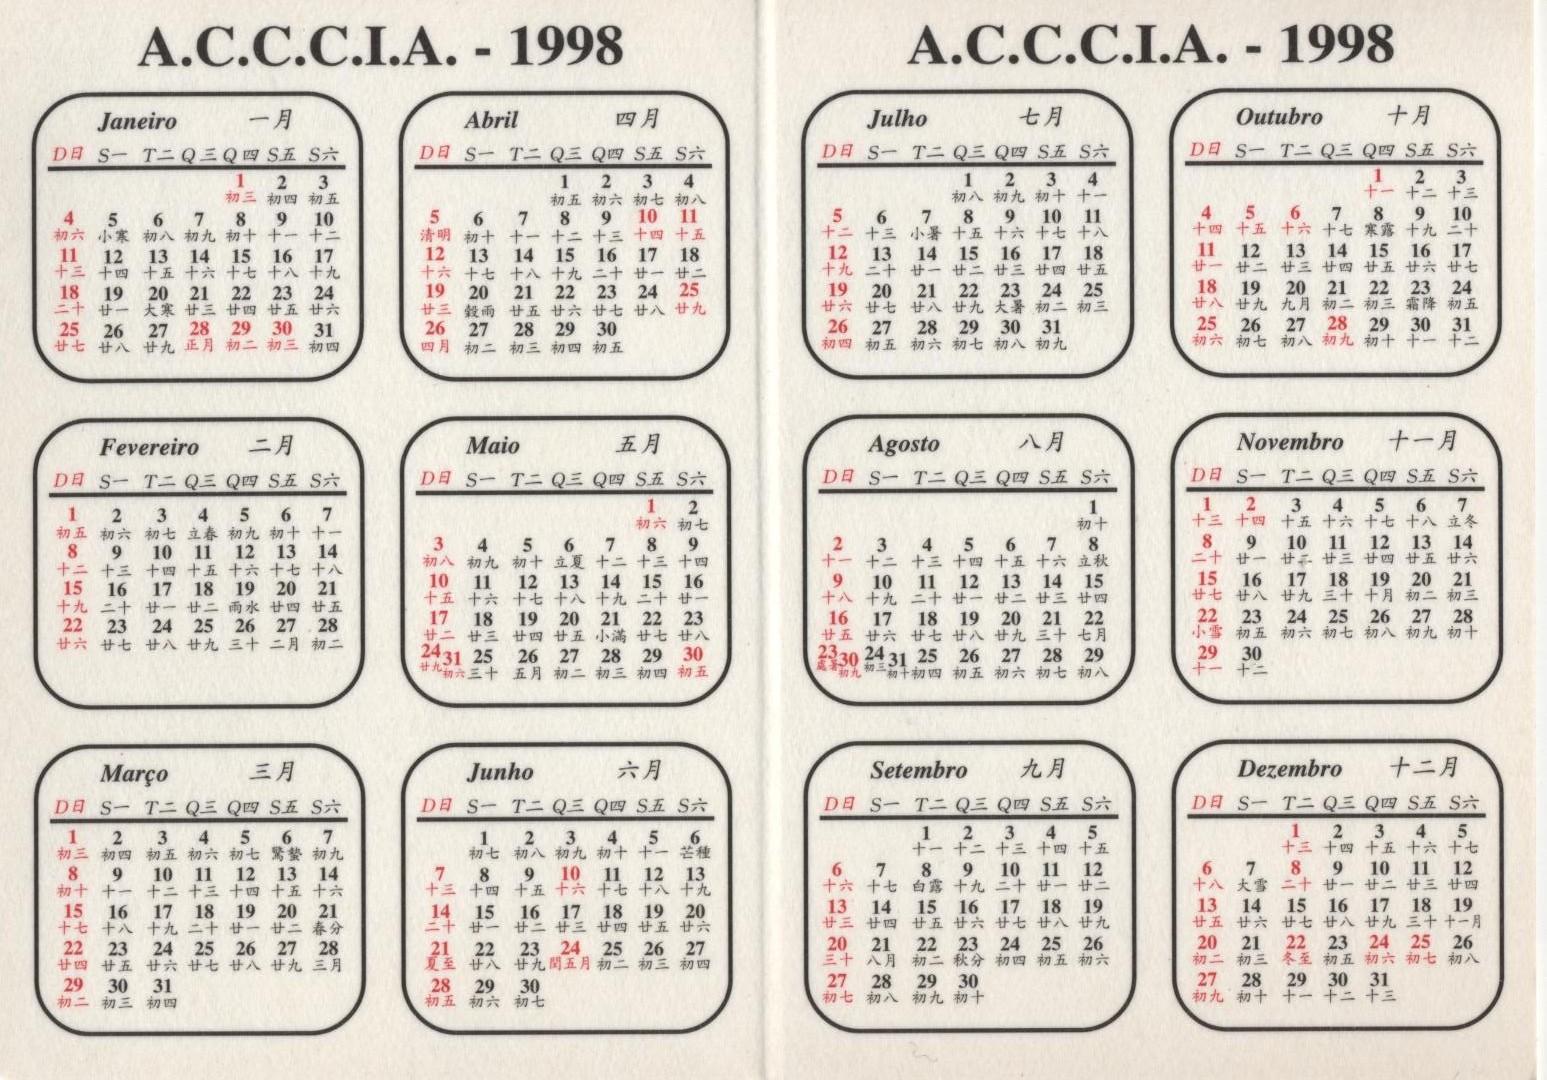 1998 Calendario.Calendario A C C C I A De 1998 Nenotavaiconta